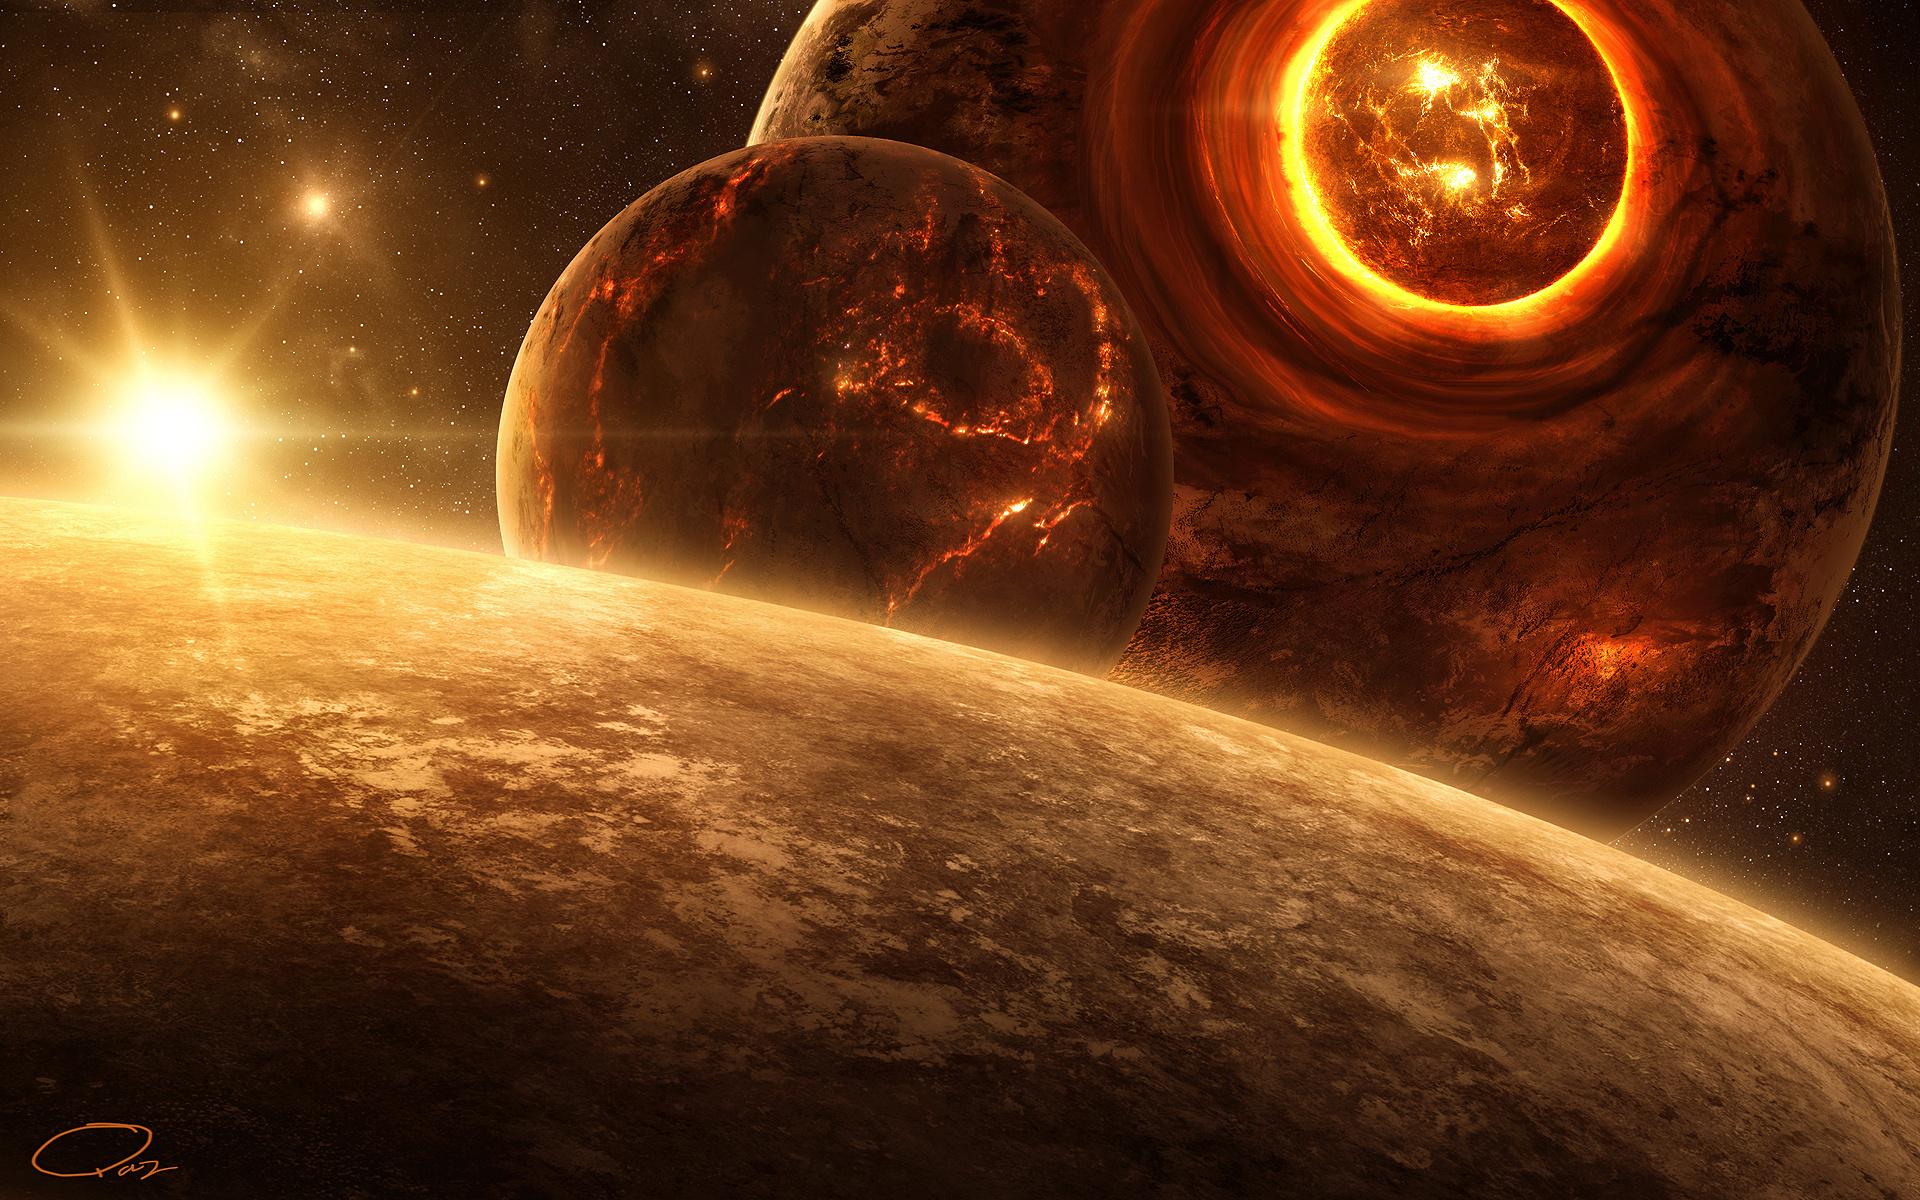 Обои Темная планета картинки на рабочий стол на тему Космос - скачать  № 1763099  скачать